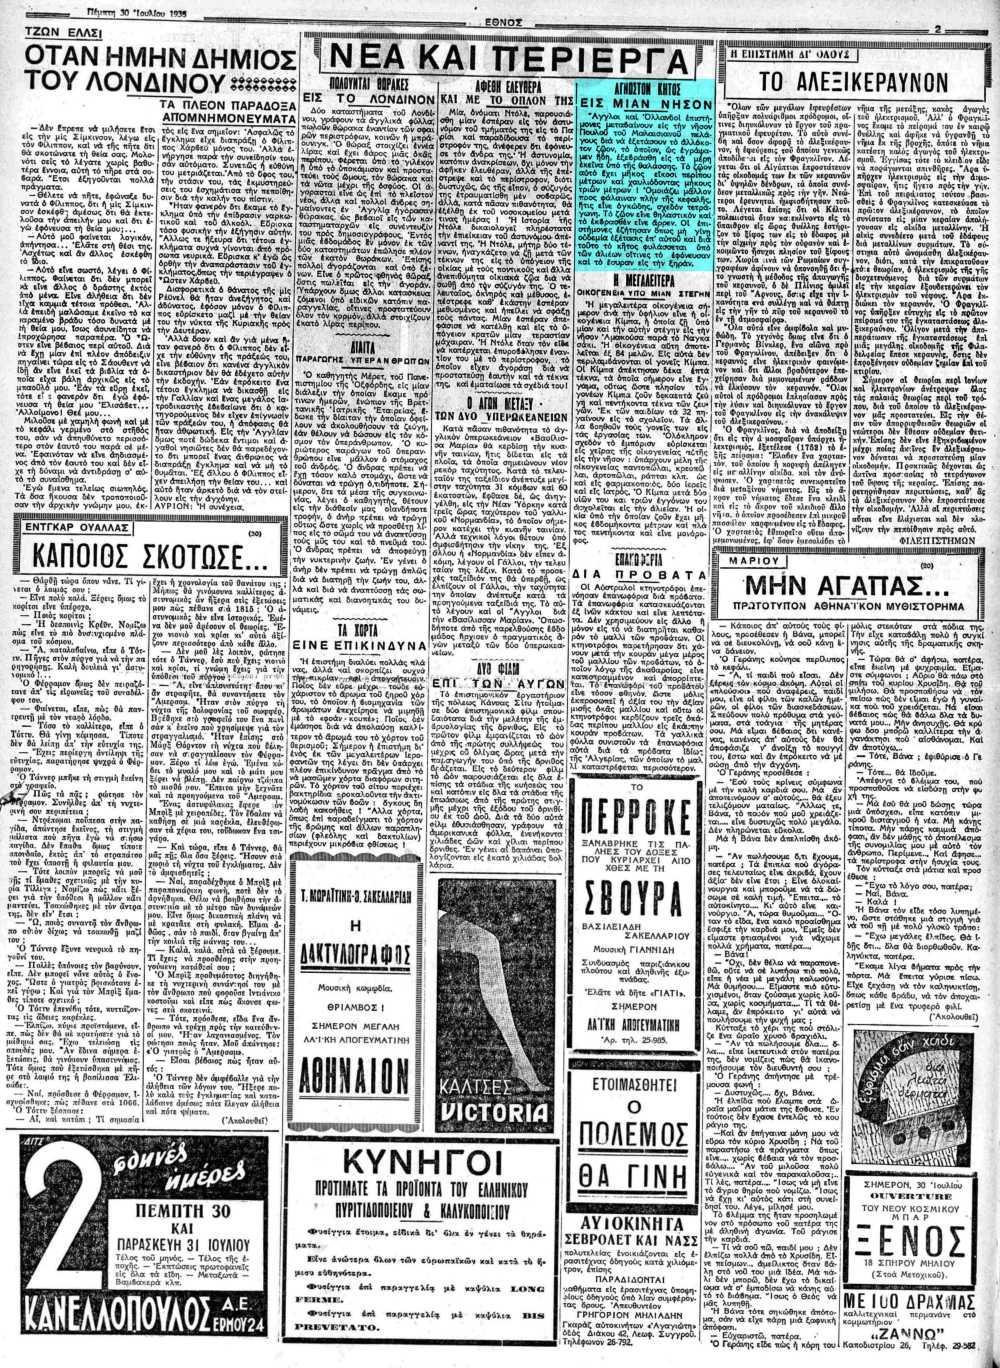 """Το άρθρο, όπως δημοσιεύθηκε στην εφημερίδα """"ΕΘΝΟΣ"""", στις 30/07/1936"""